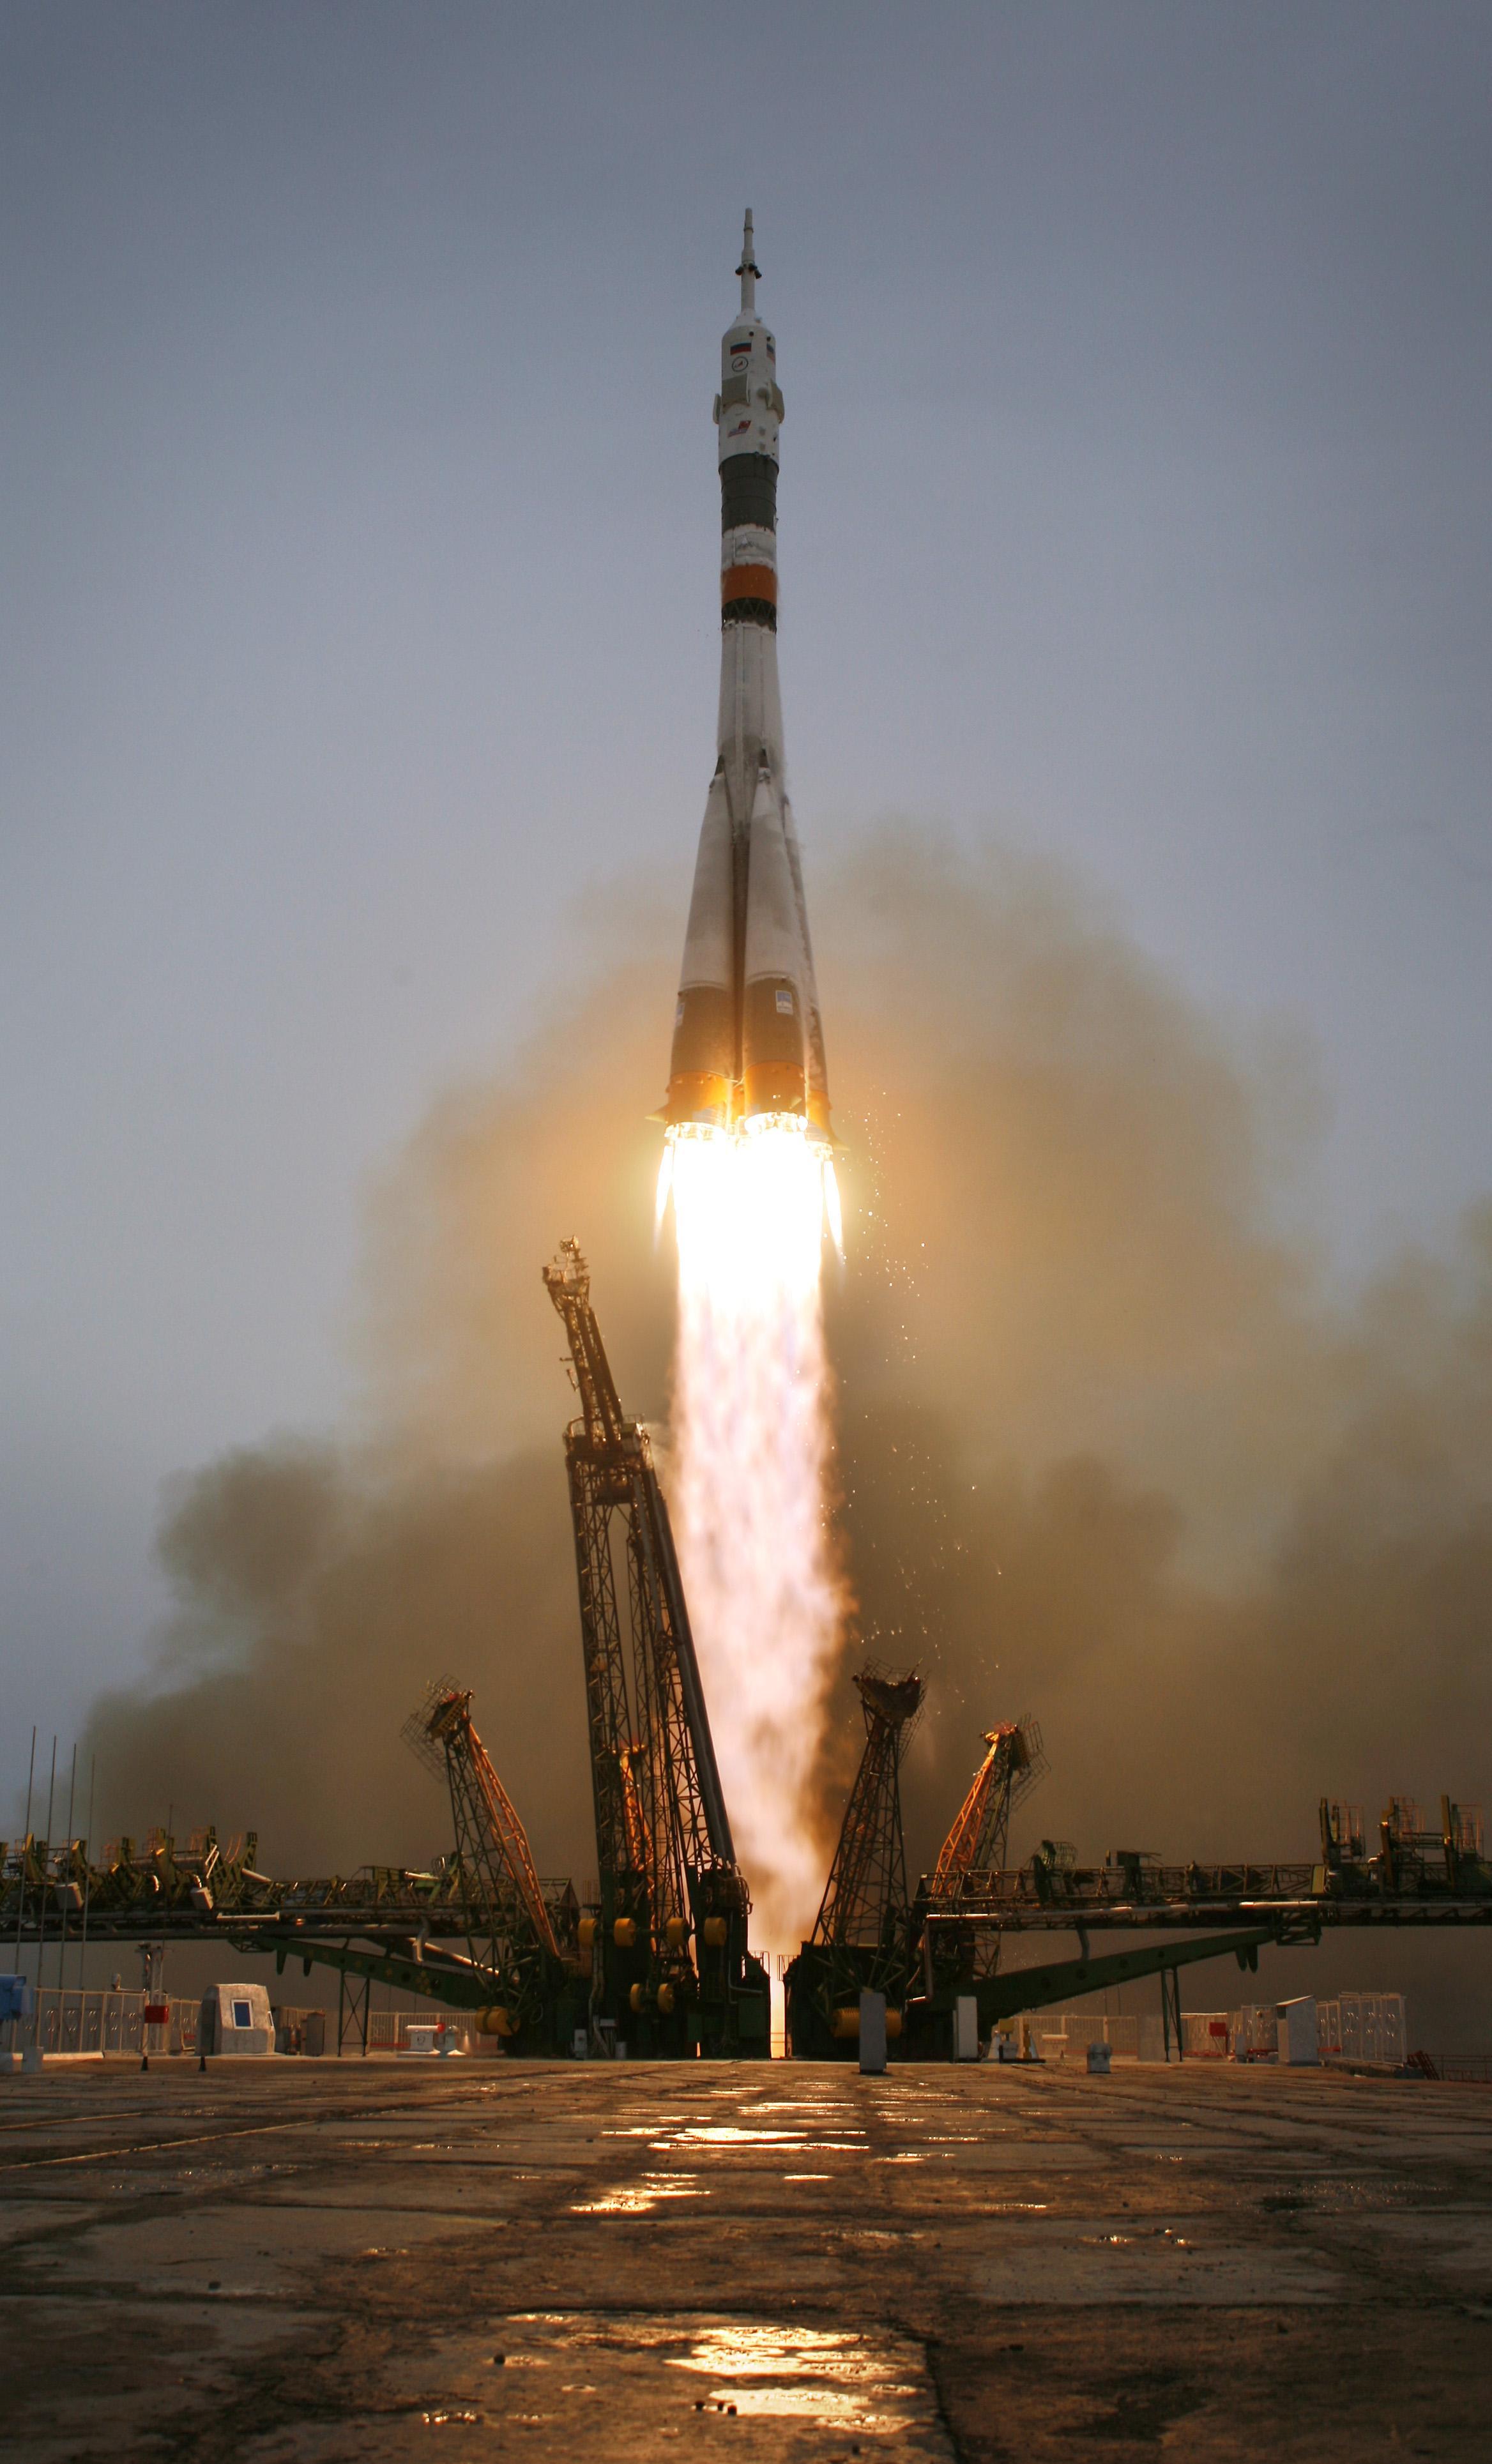 La Soyuz con la Expedición 19 despegando... lo siento, no hay discusión posible, es el cohete más bonito de la historia